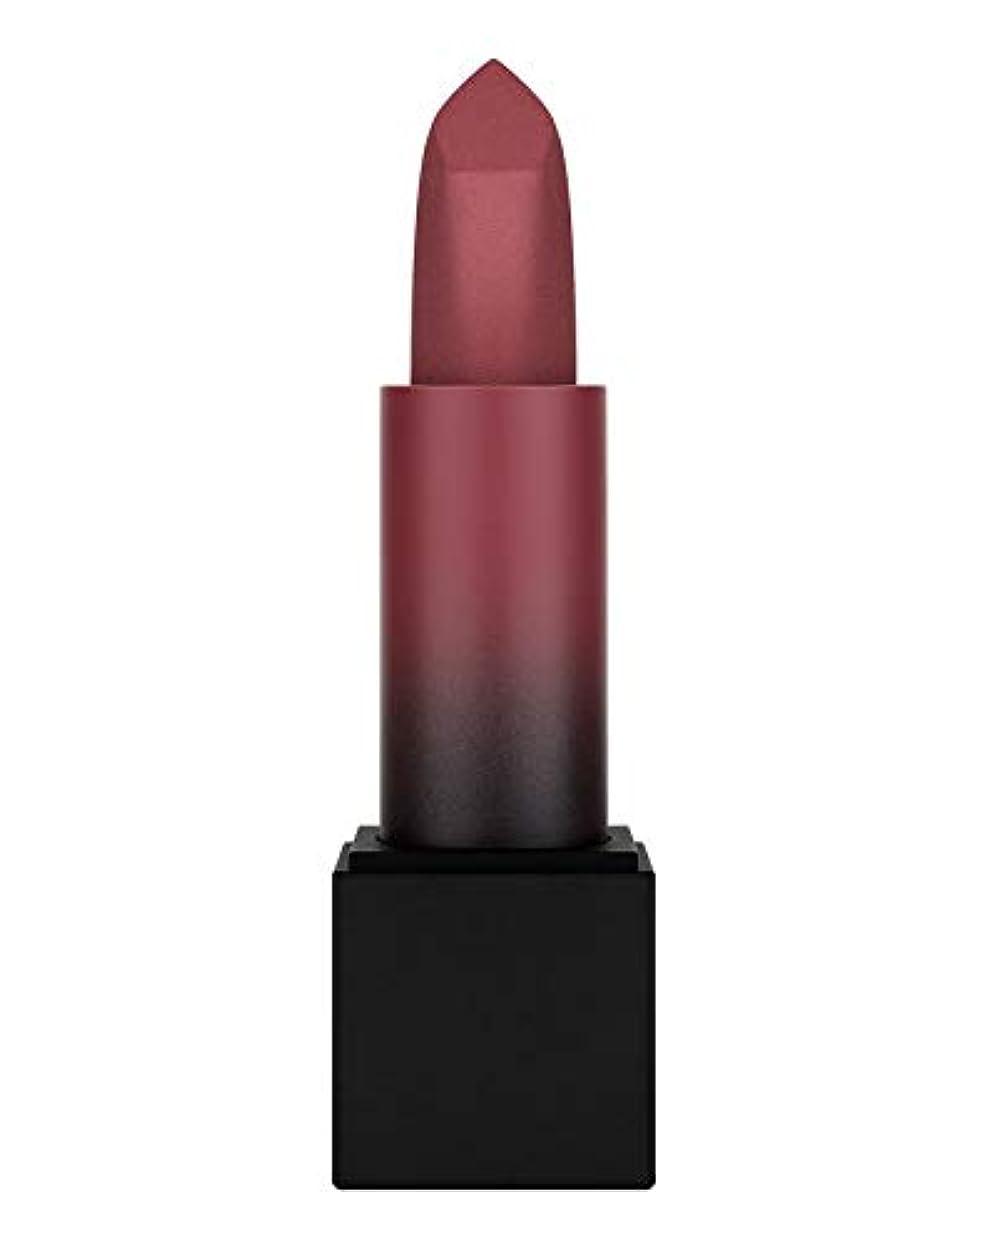 想像力豊かなさらに対角線Huda Beauty Power Bullet Matte Lipstick Pool Party フーダ ビューティー マットリップ プールパーティ